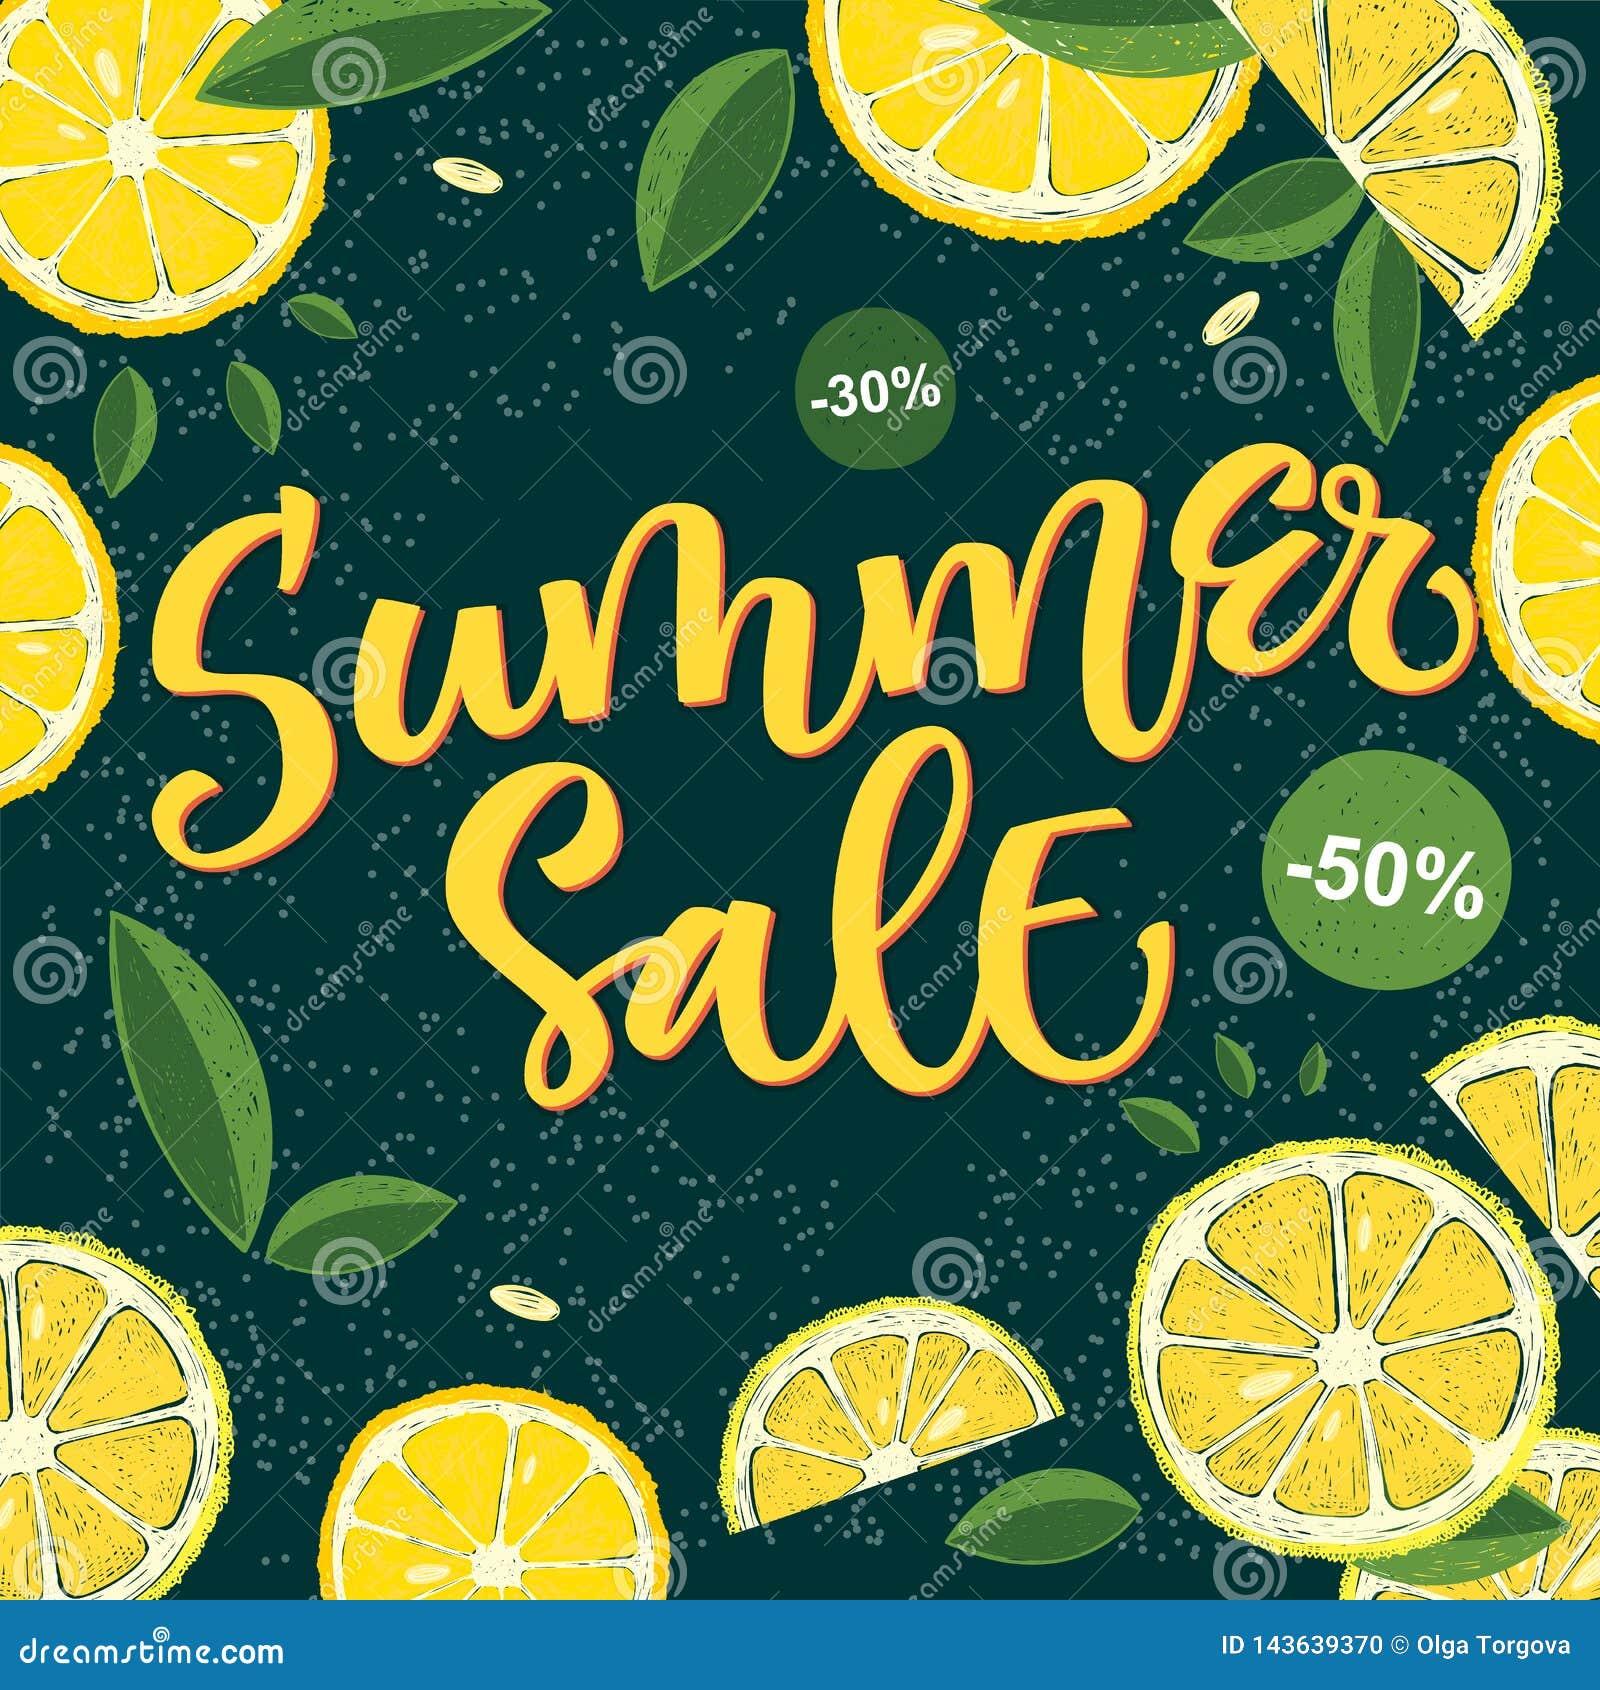 Продажа лета - дизайн каллиграфии яркий красочный с флористическими элементами